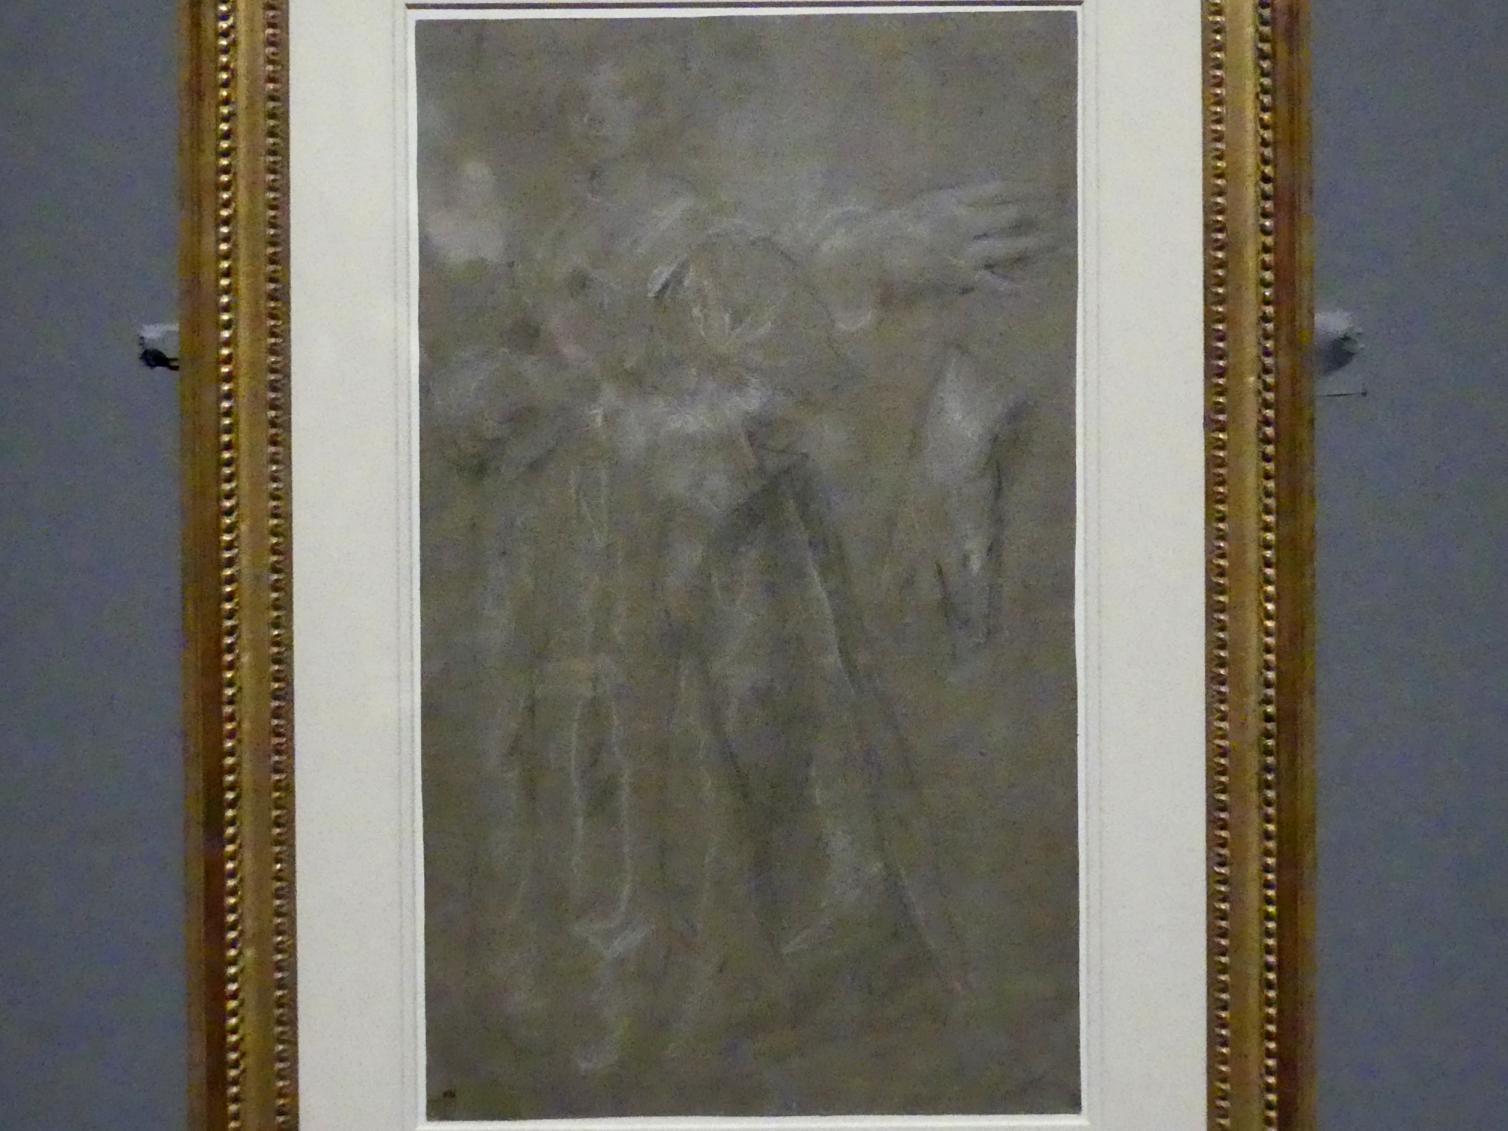 Anthonis (Anton) van Dyck: Porträtstudie einer Frau, mit zwei Studien ihrer Hände, Um 1628 - 1634